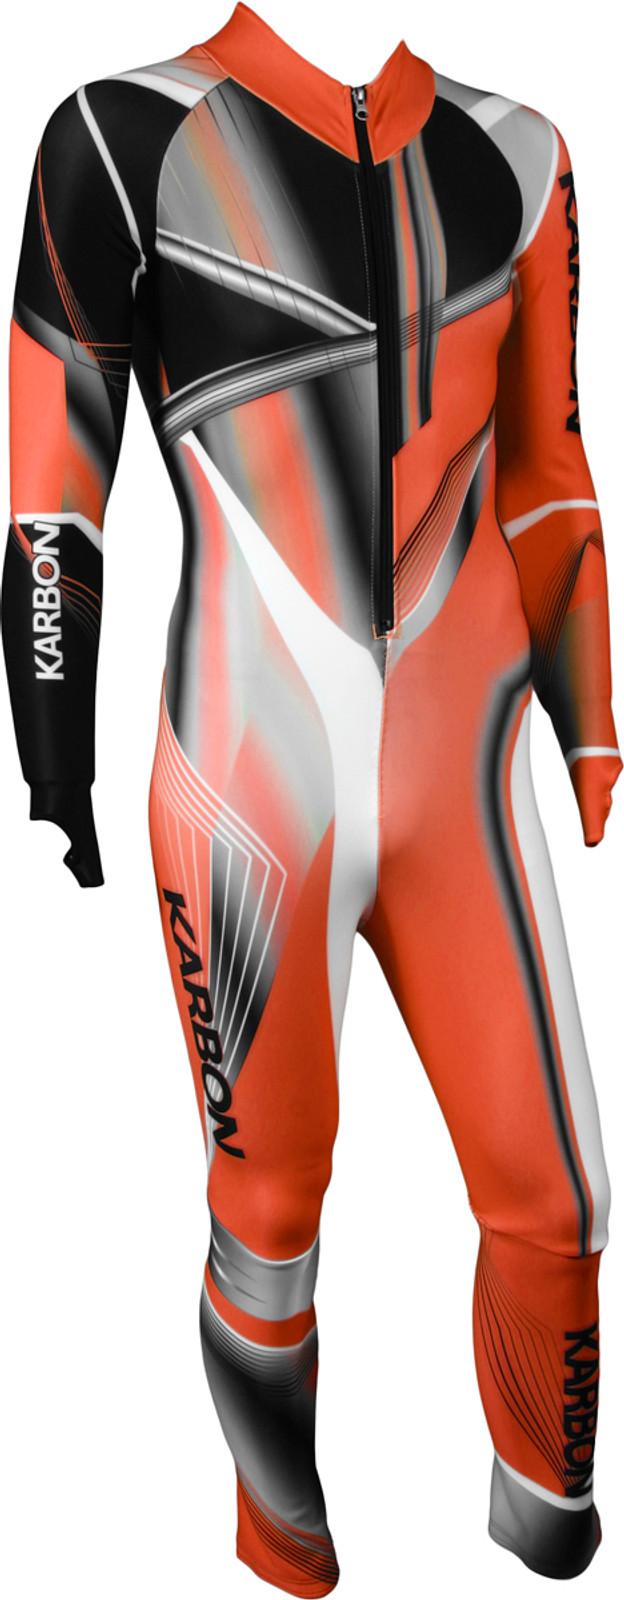 Karbon Imperial GS Race Suit 19'